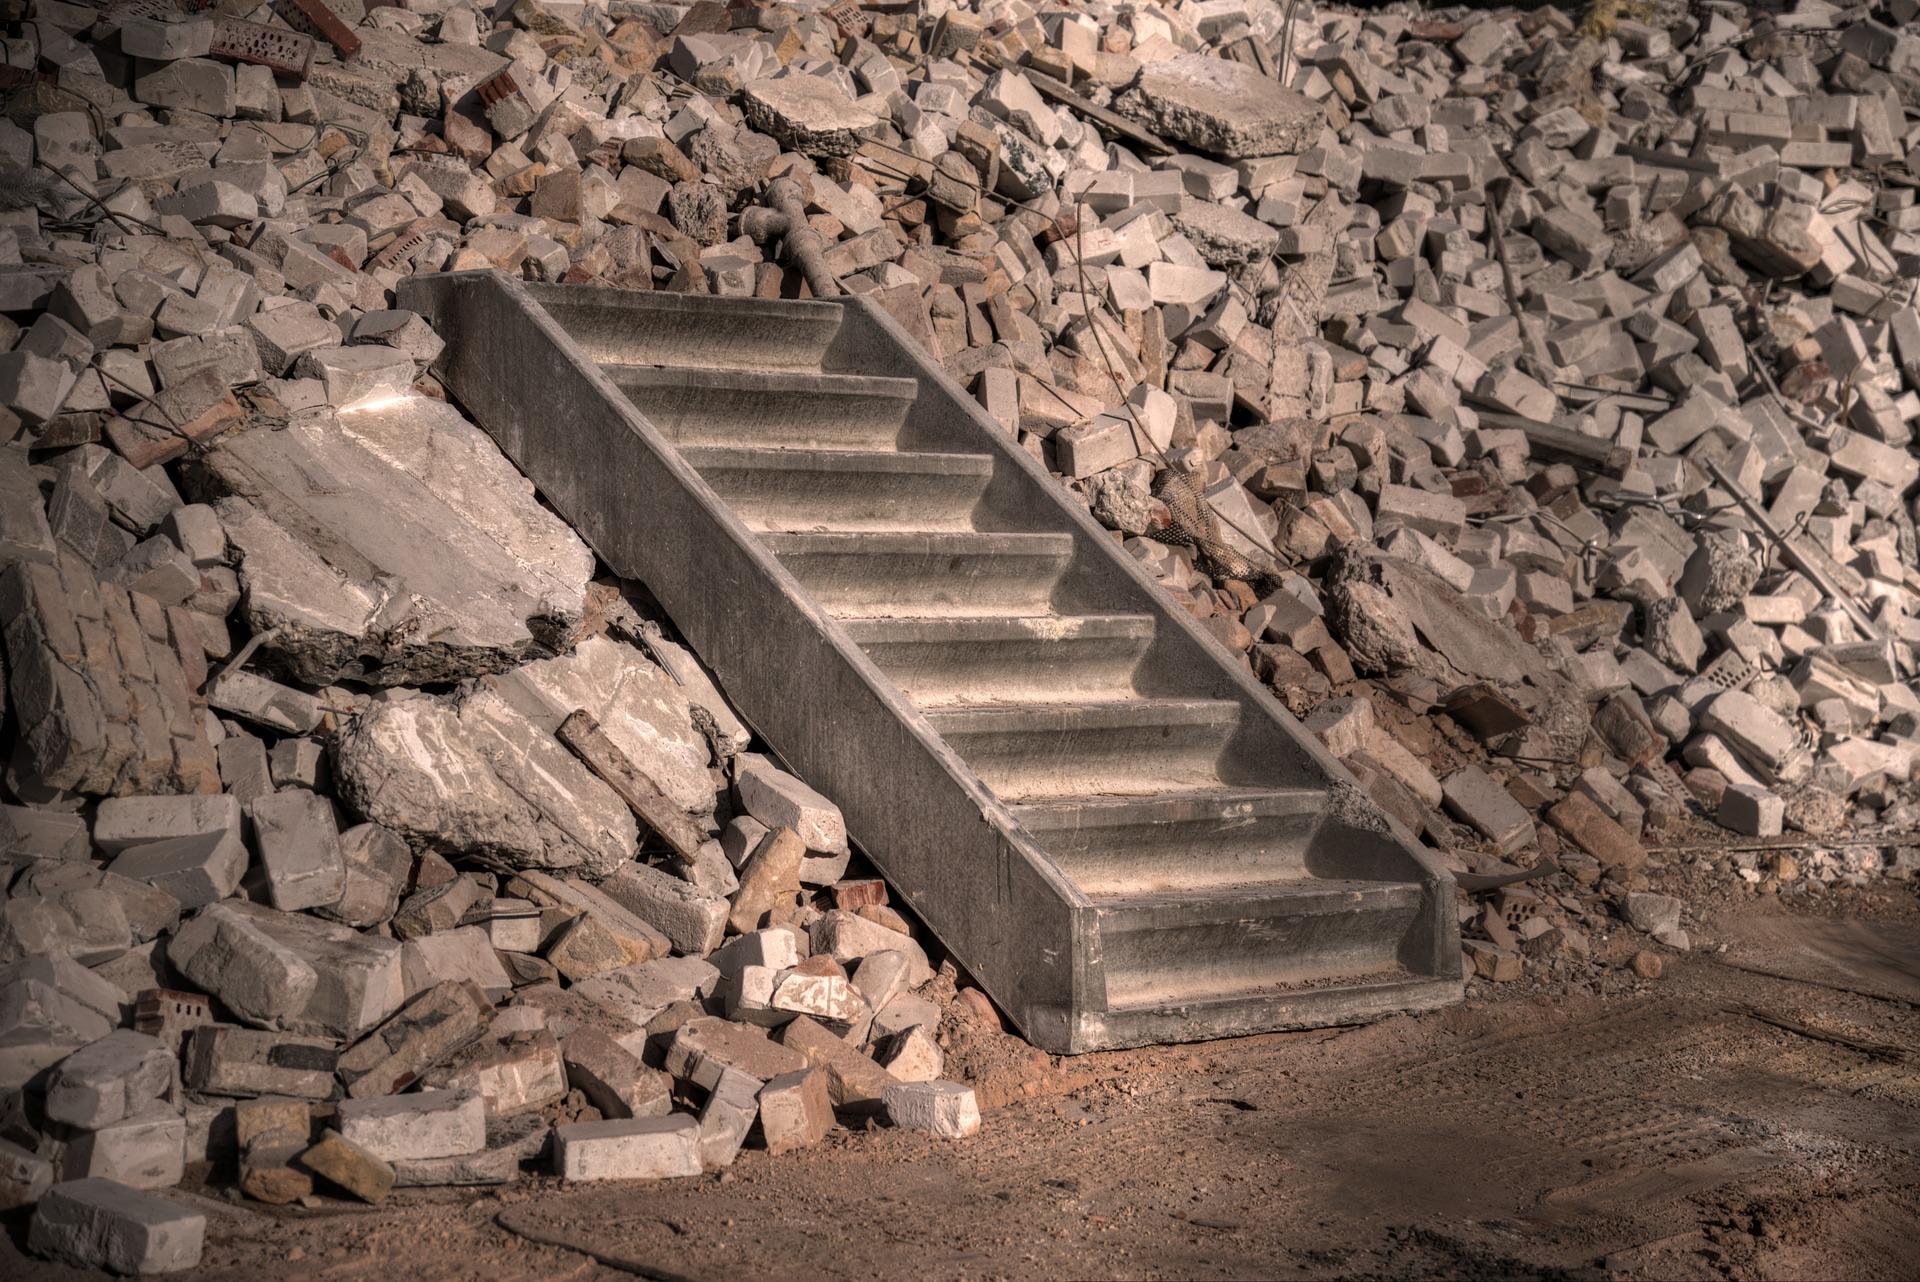 stairs-1481394_1920.jpg